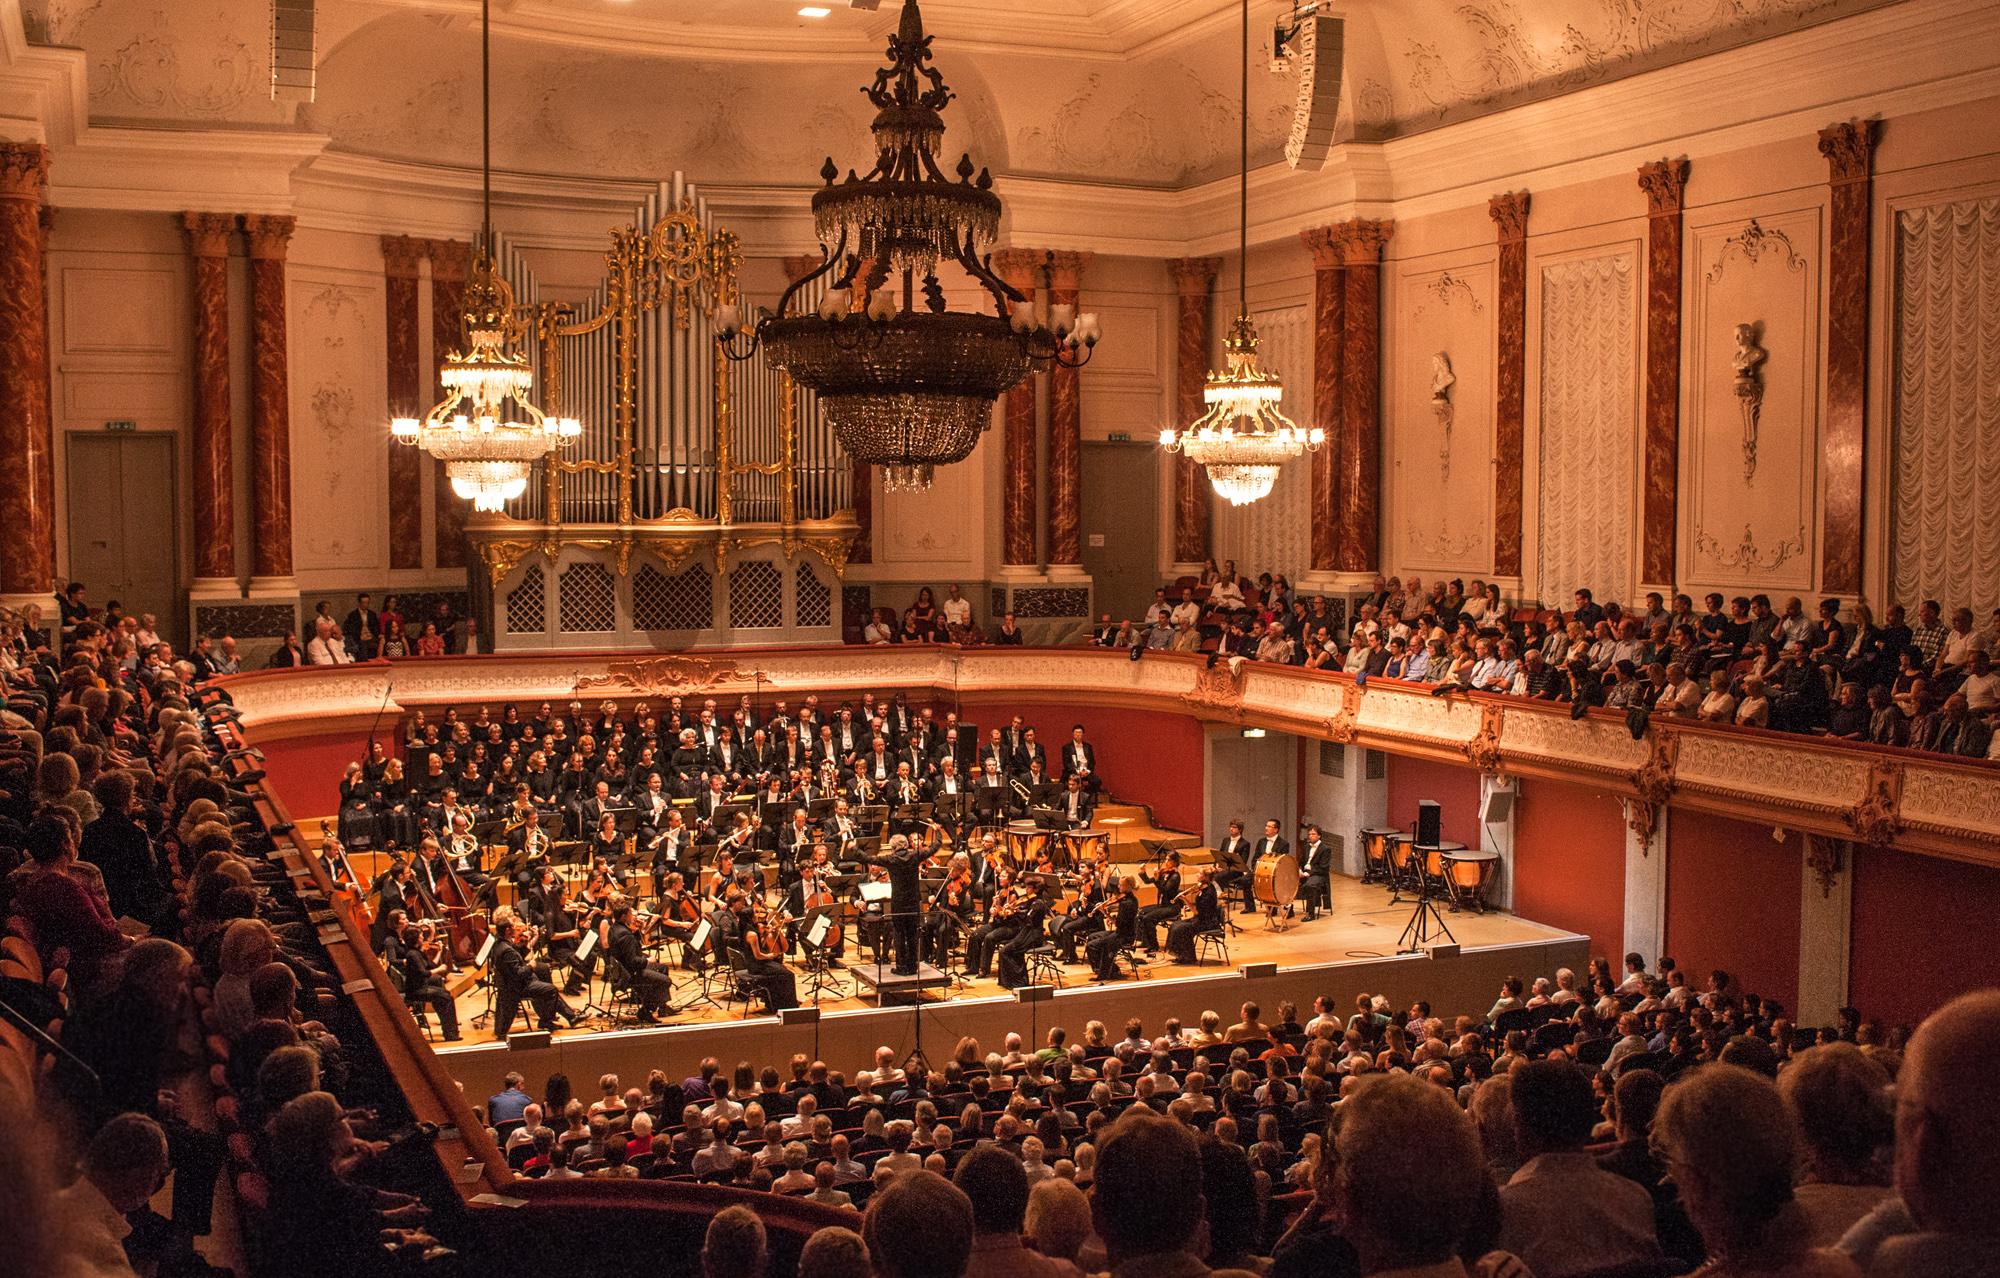 Hochstehender Musikgenuss - und steifes Ambiente - im heissen Stadtcasino: für Festival-Besucher war das Kammerorchester Basel leider nur mit Extra-Ticket zu erleben.